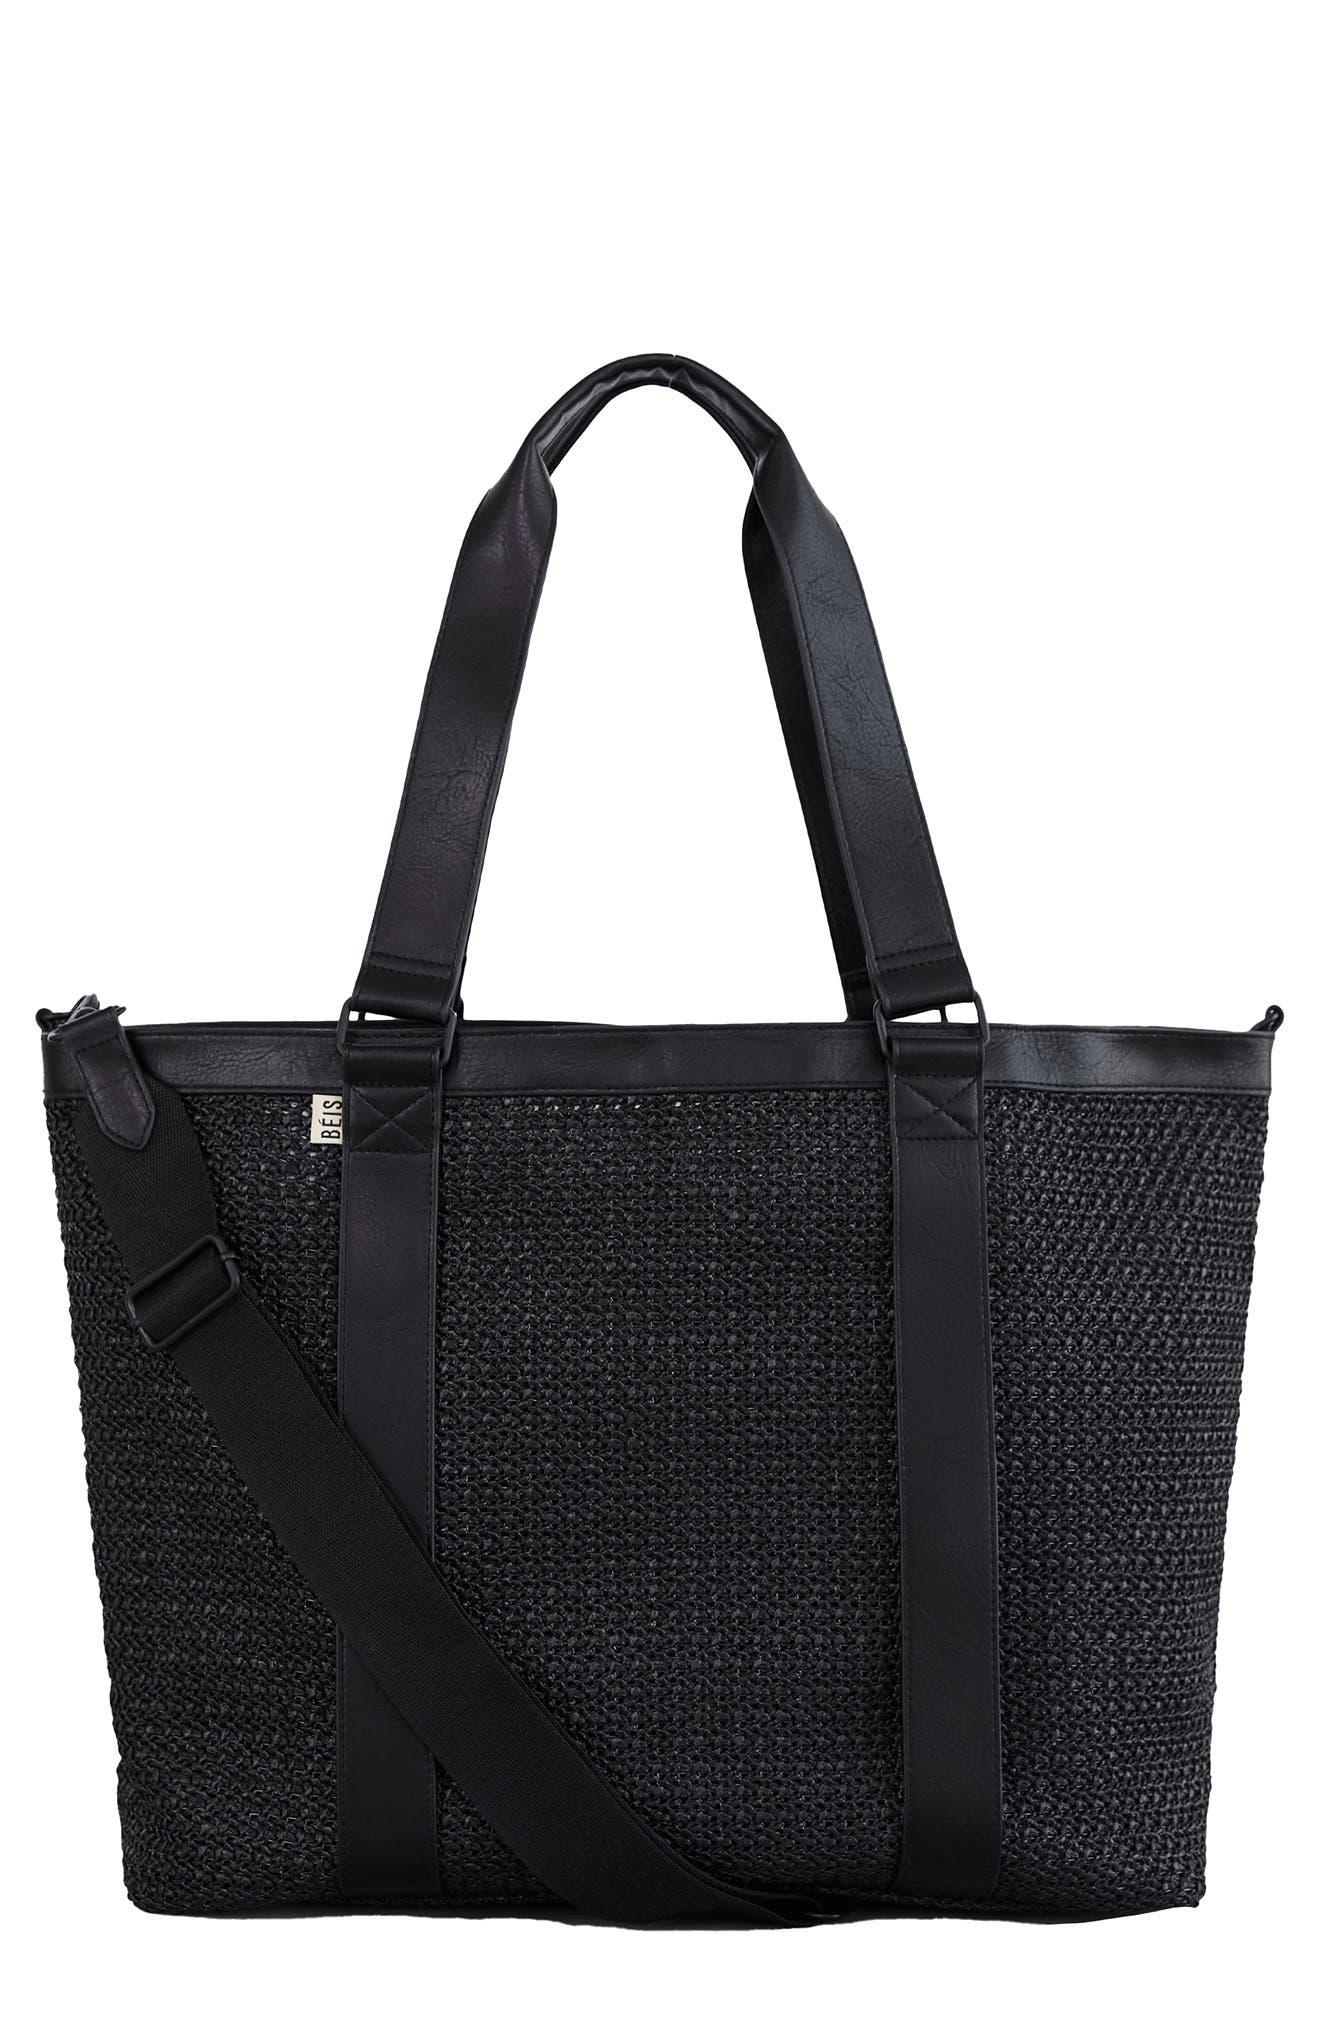 The Naturals Raffia Tote Bag